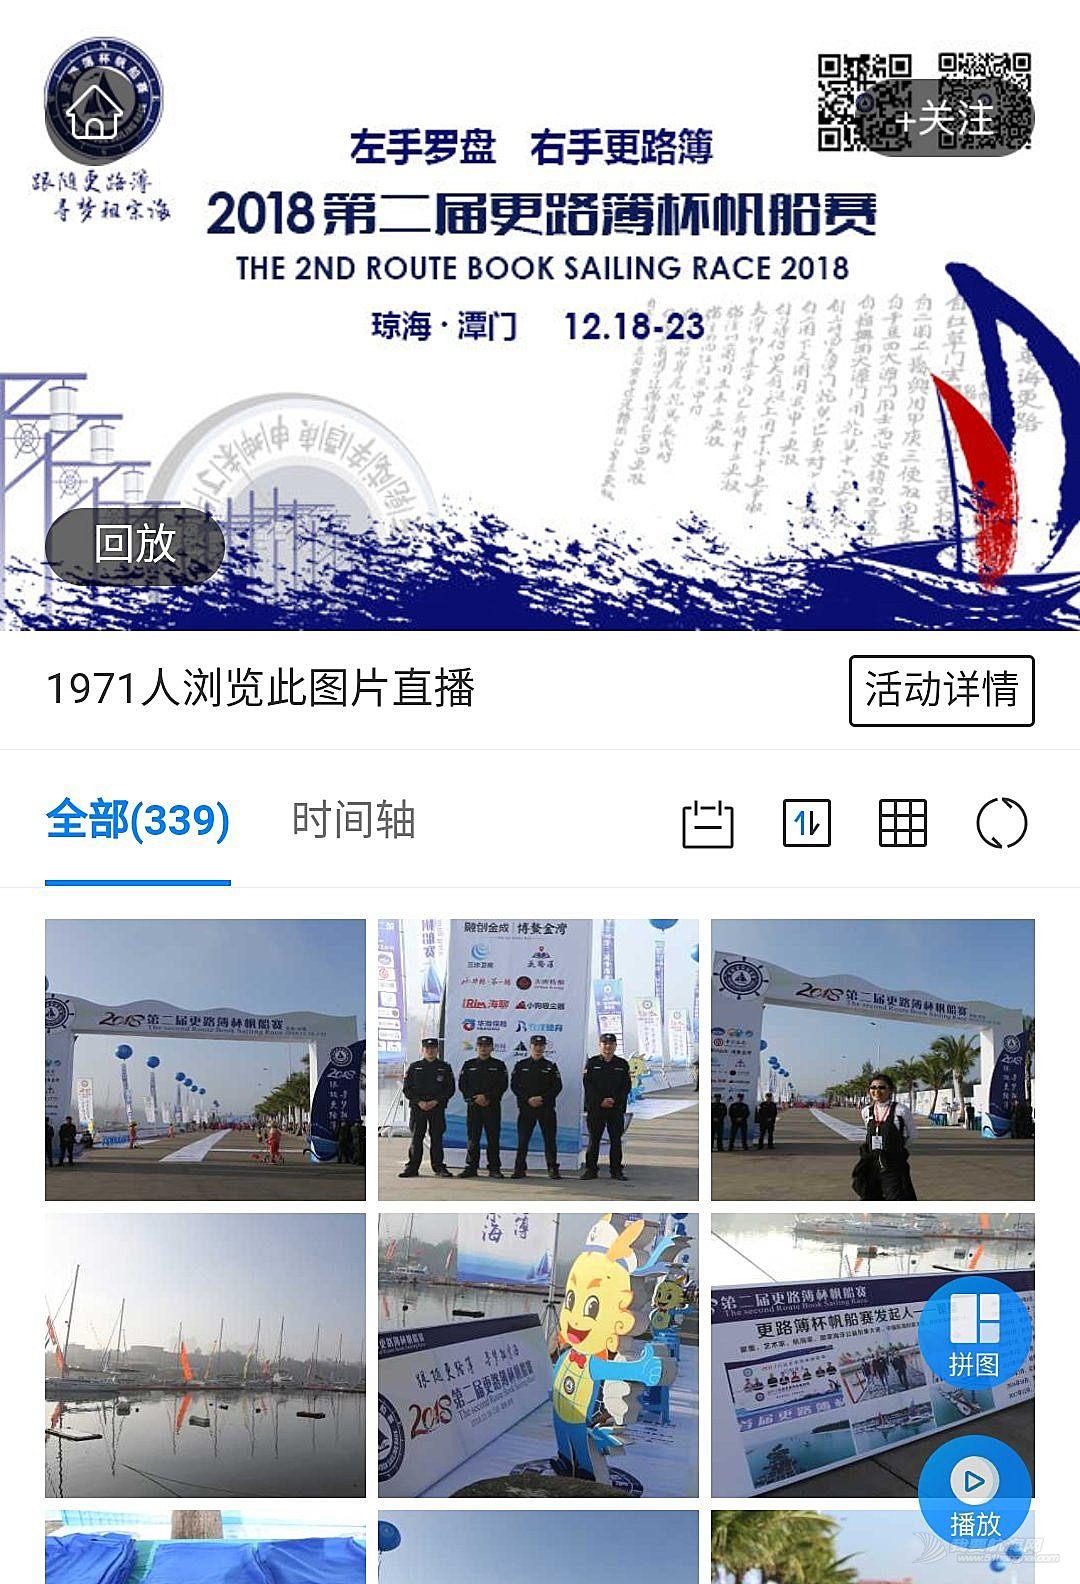 2018第二届更路簿杯帆船赛全情回顾